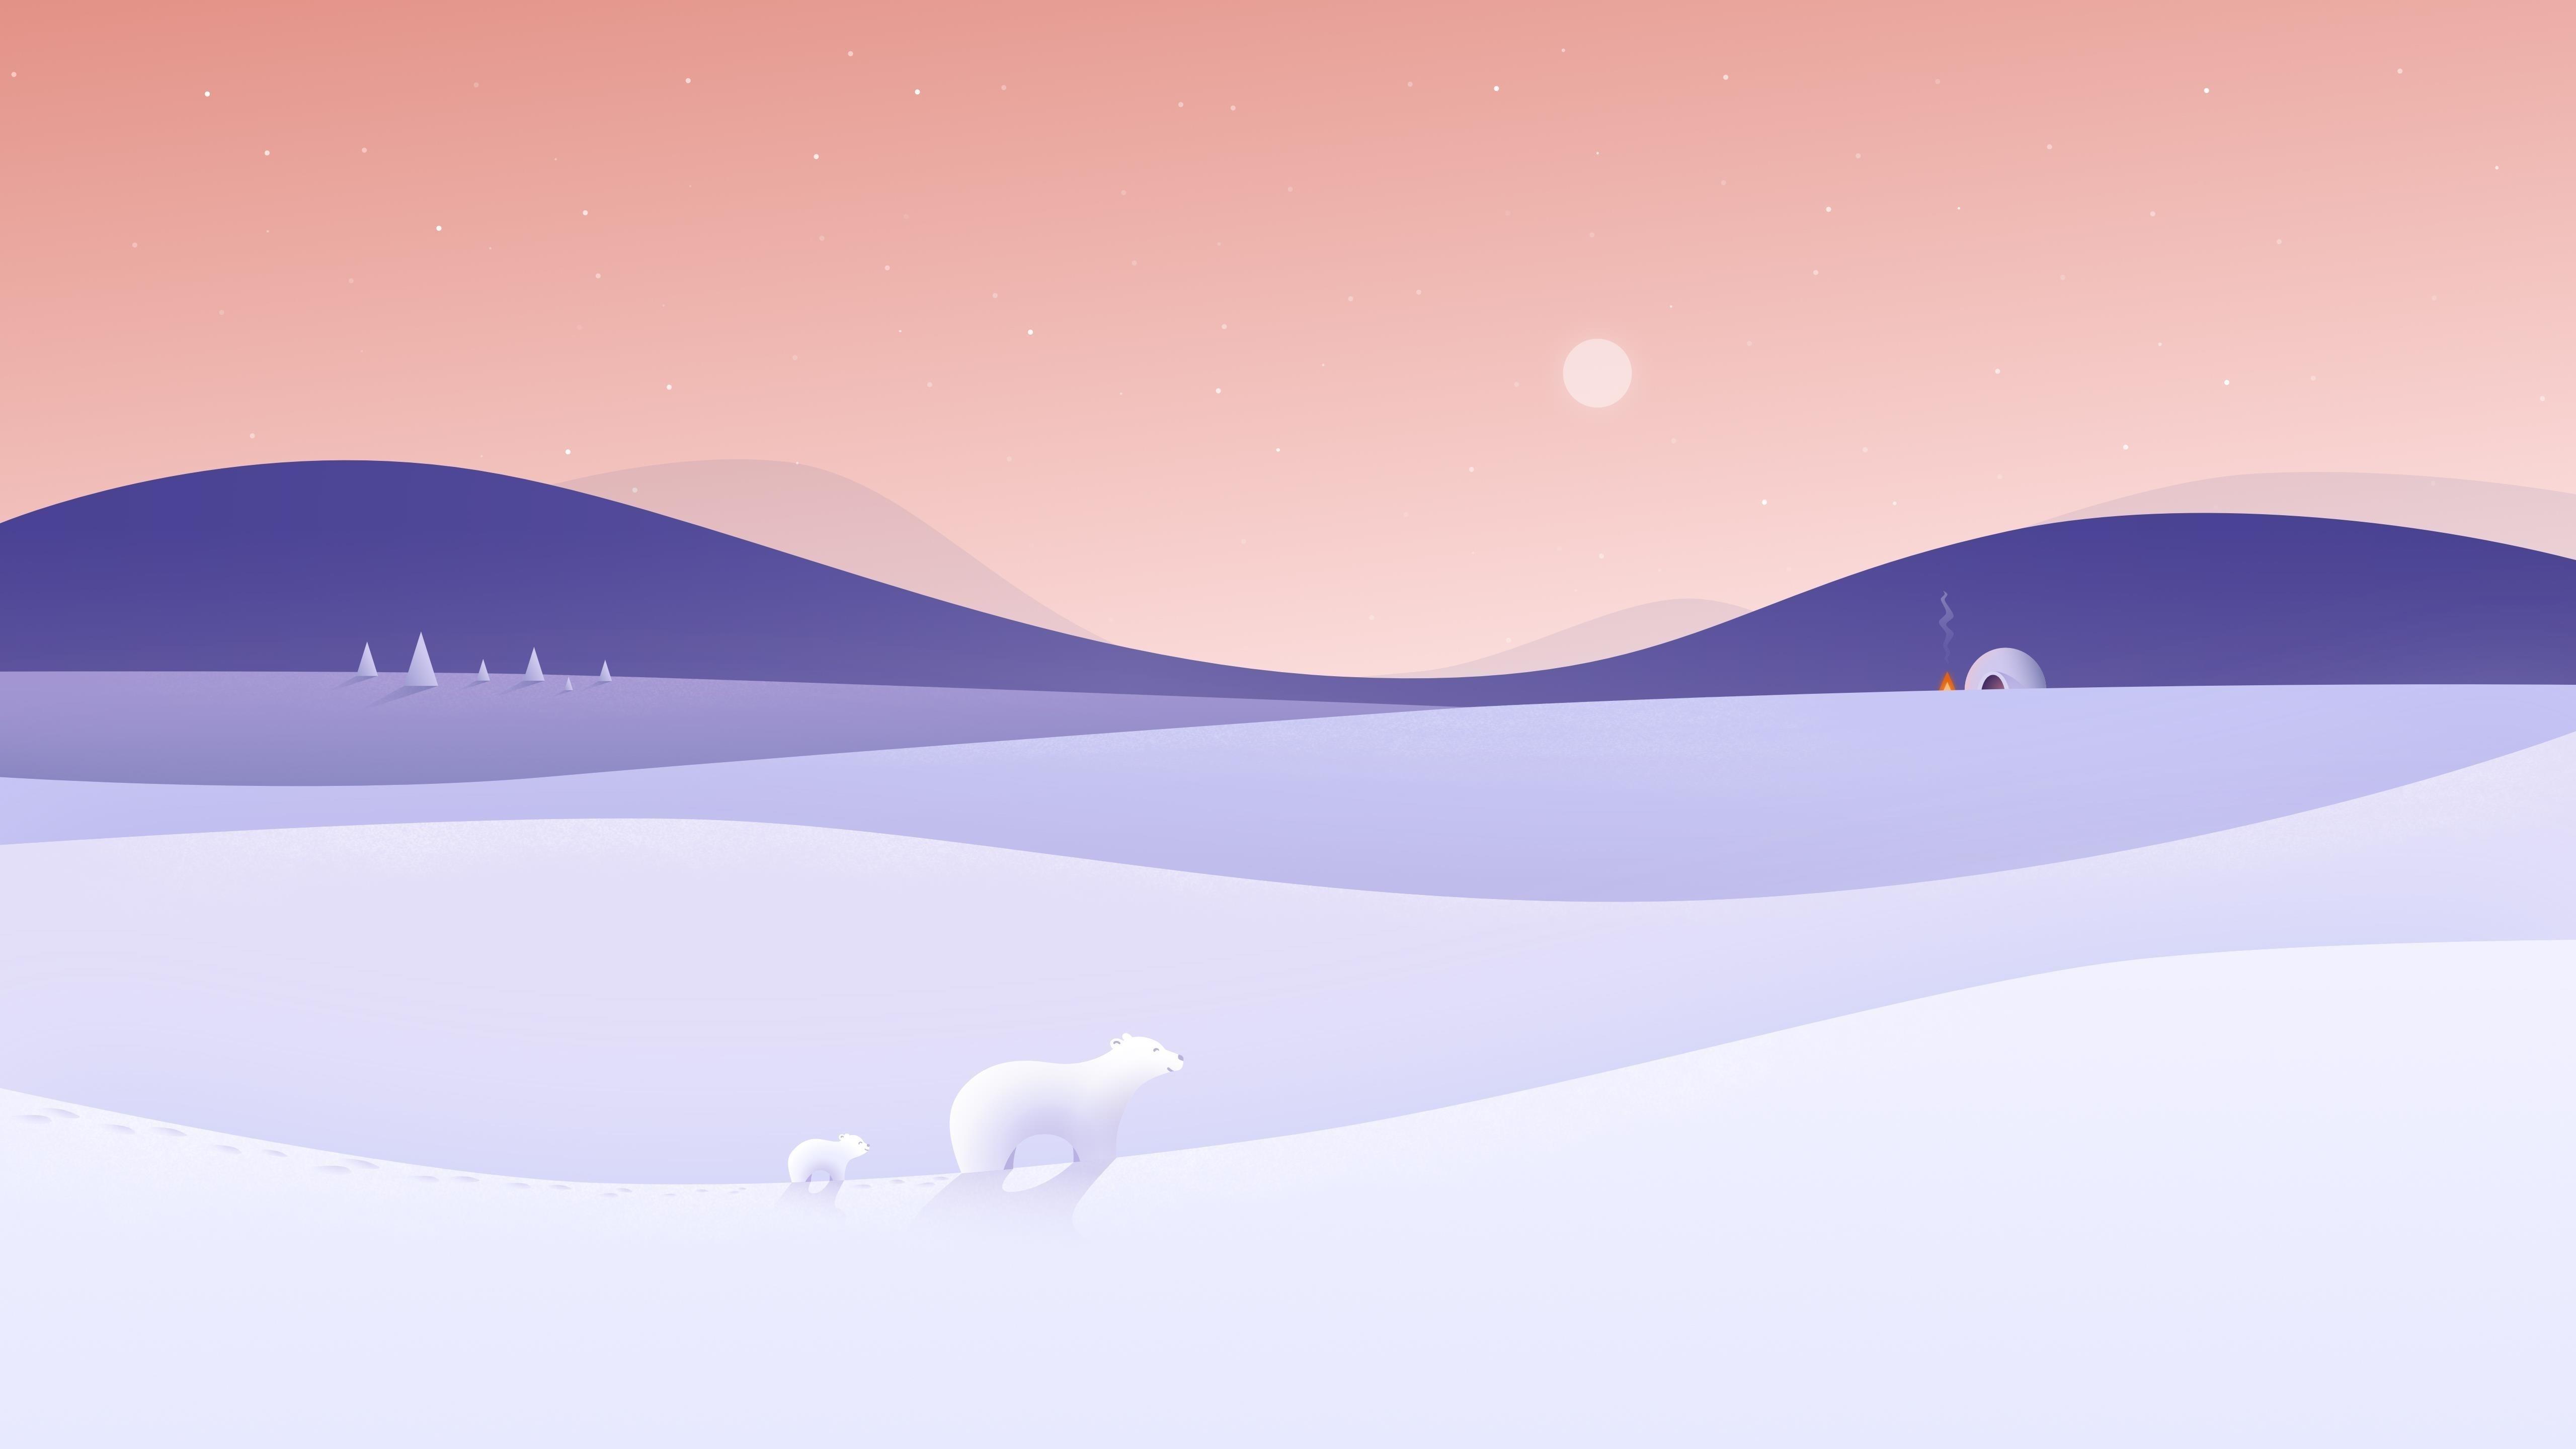 Зима на полюсе обои скачать